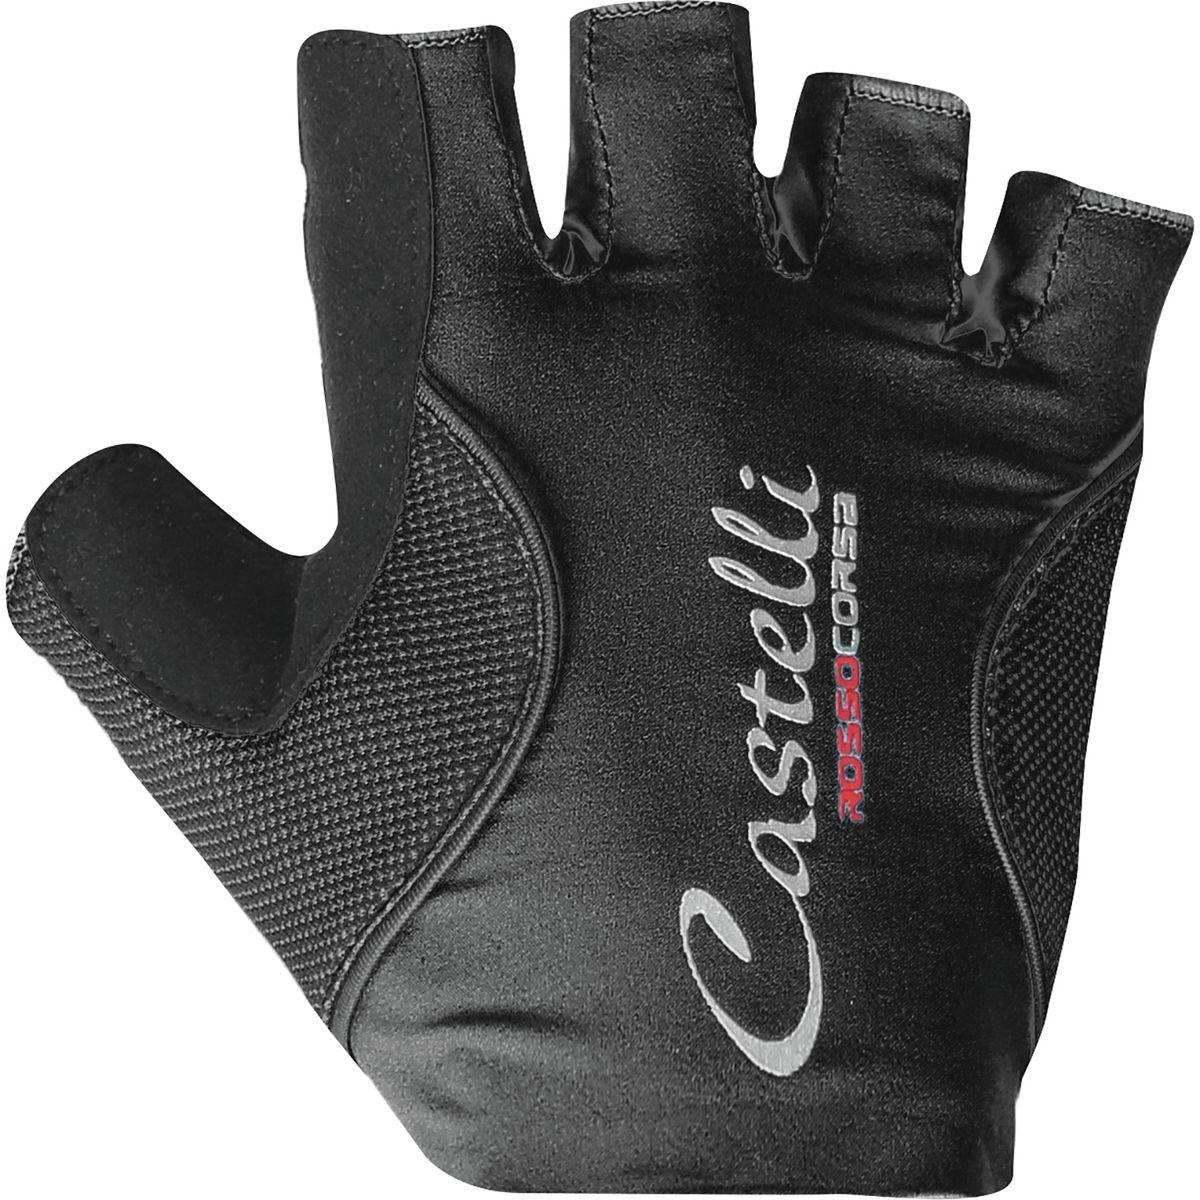 Castelli-Rosso-Corsa-Pave-Glove-Women-039-s miniature 6